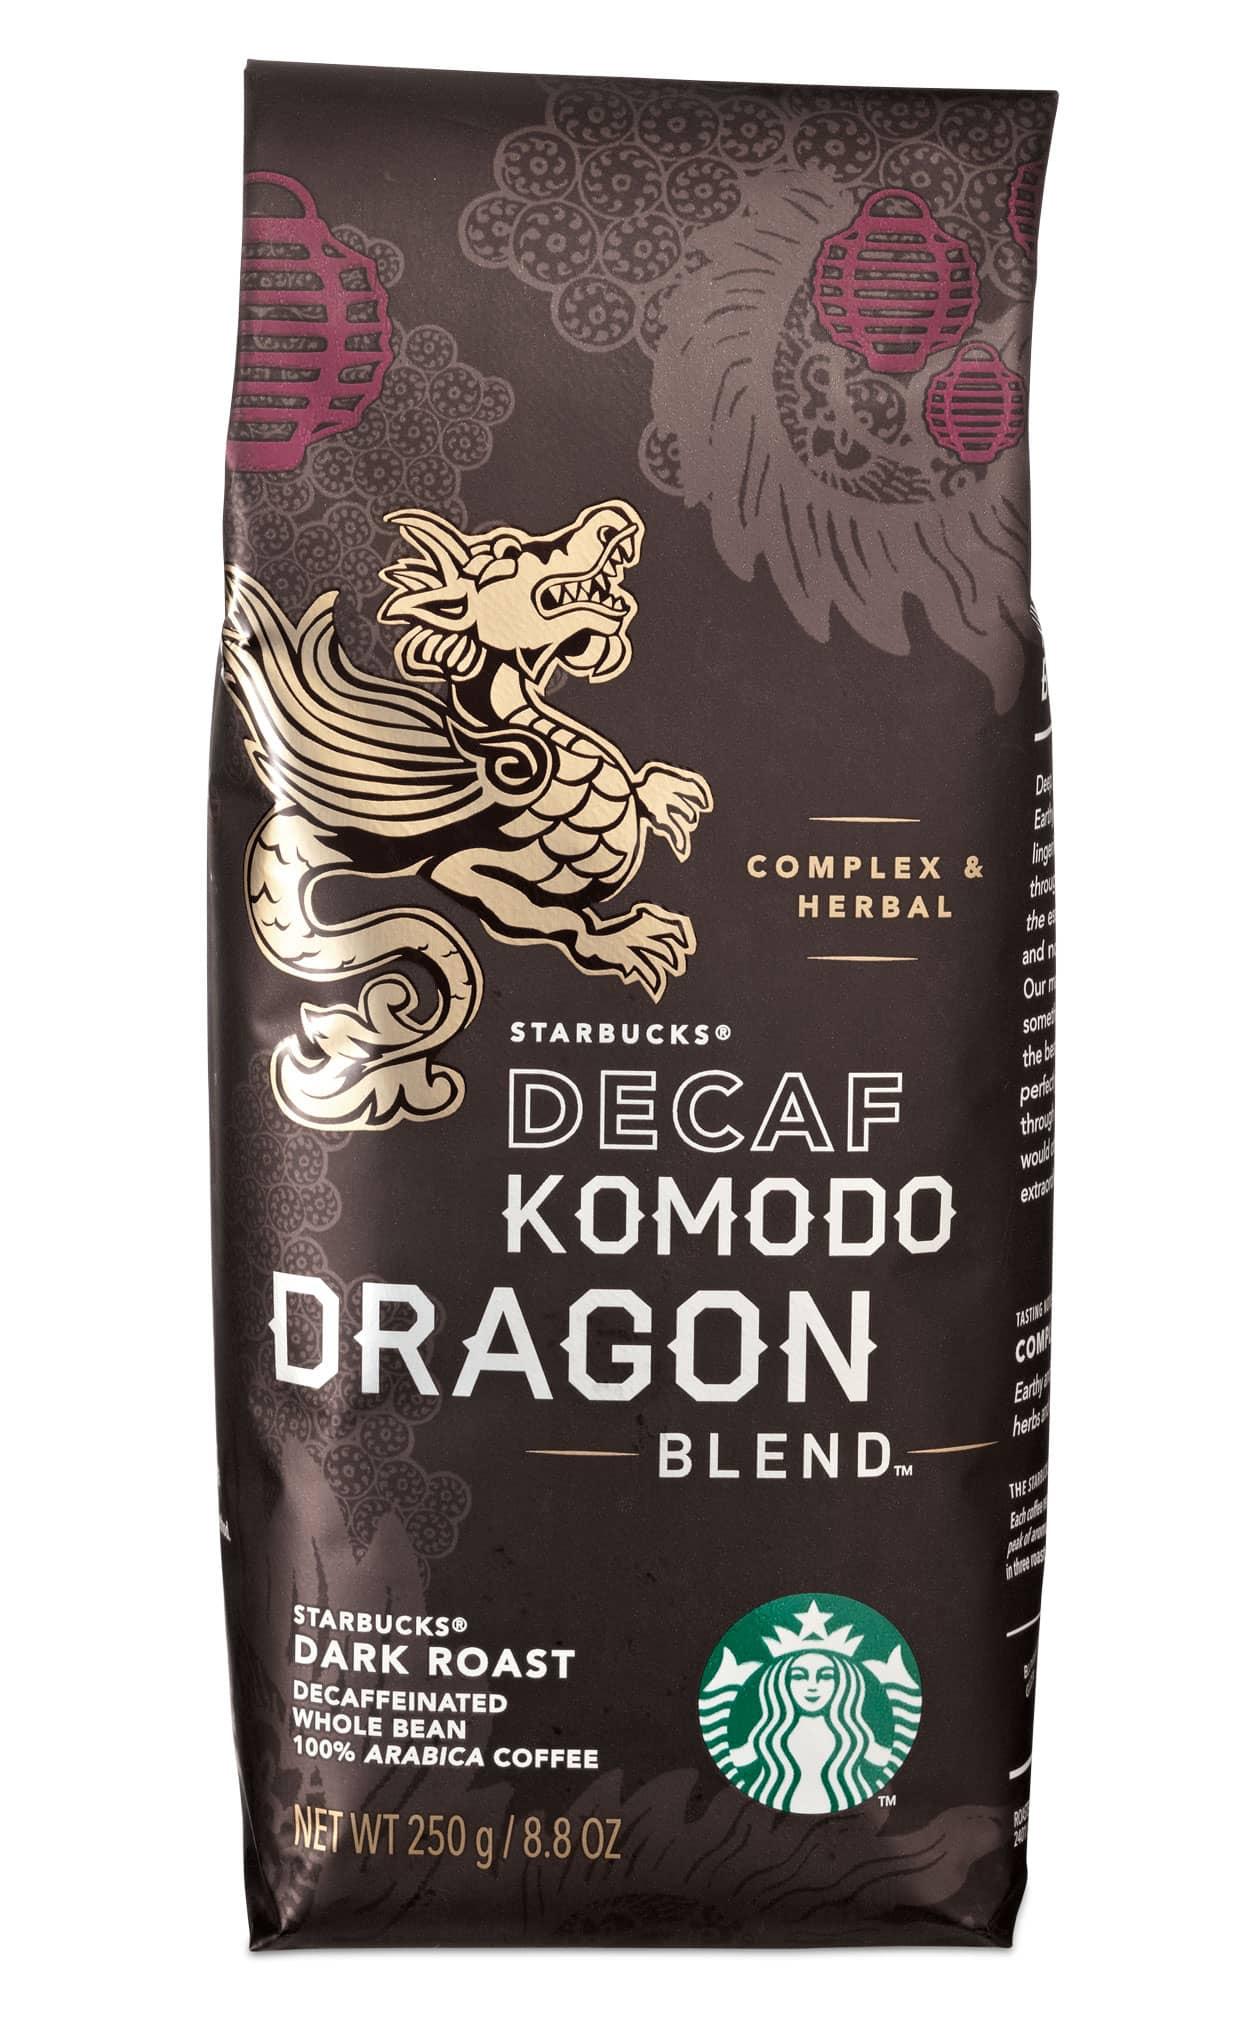 Komodo-Dragon-Decaf